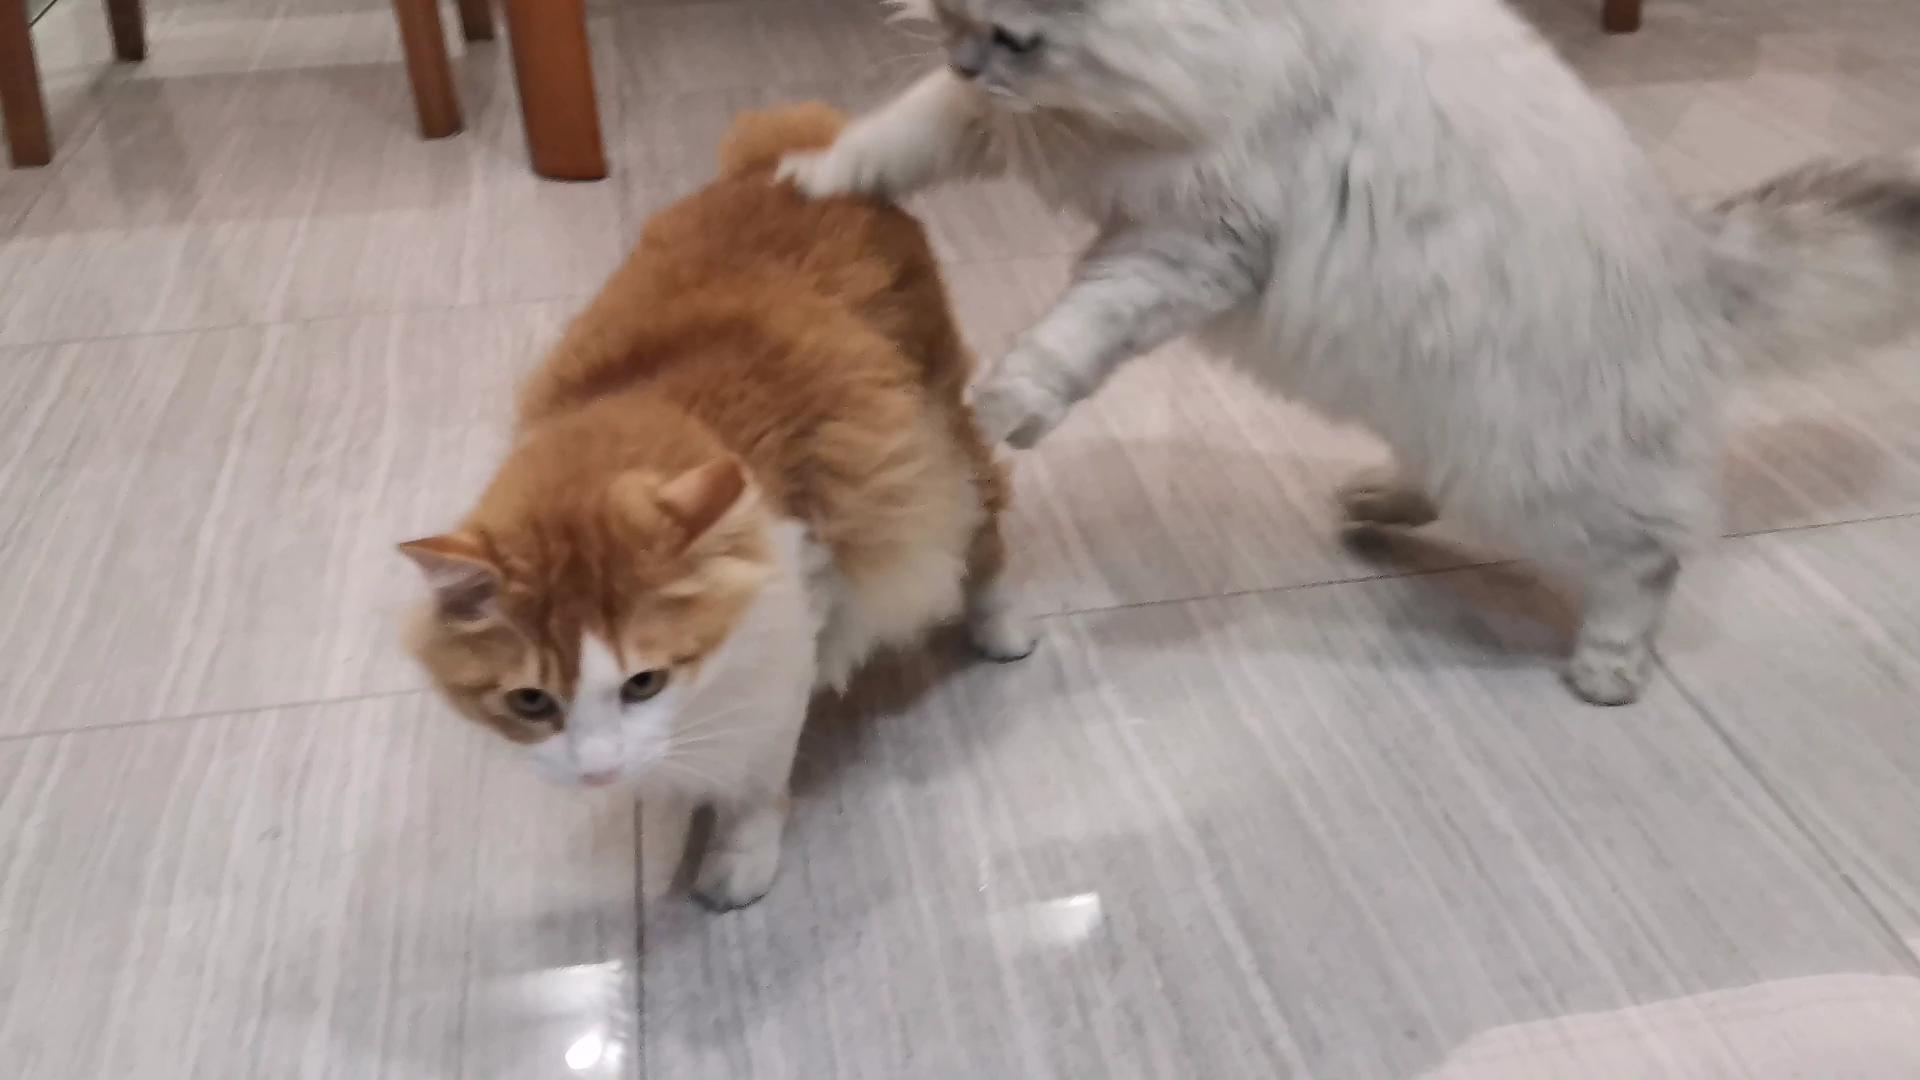 【米糊与烧麦】隔着玻璃讨要奶茶喝的猫猫打了起来